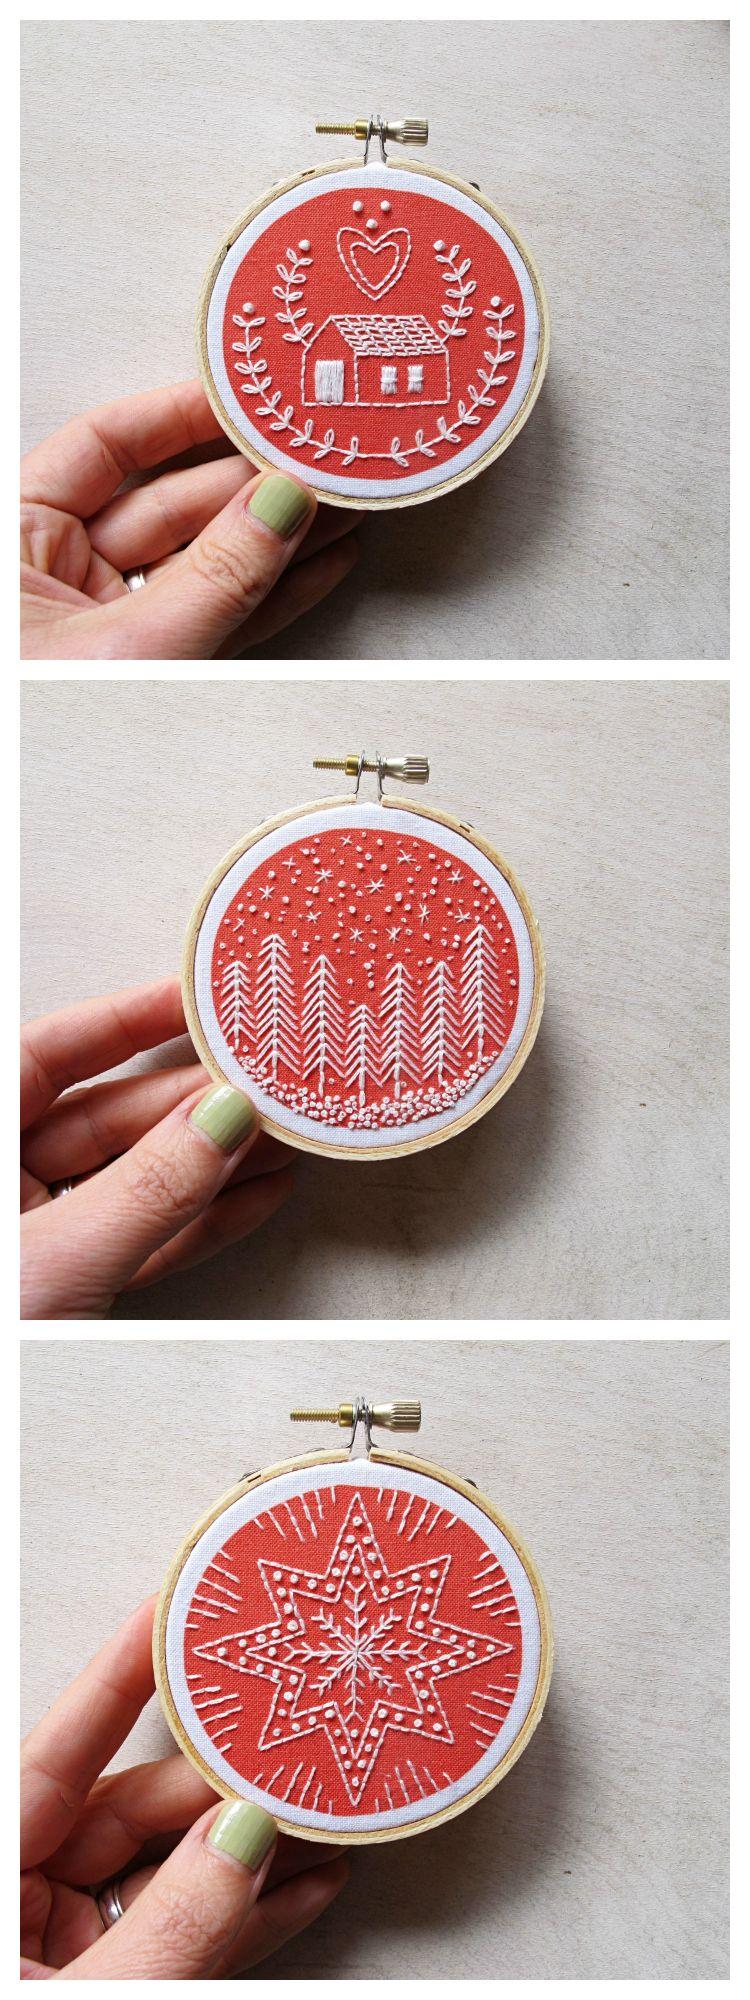 cozyblue handmade :: DIY embroidery kits, holiday ornaments kit